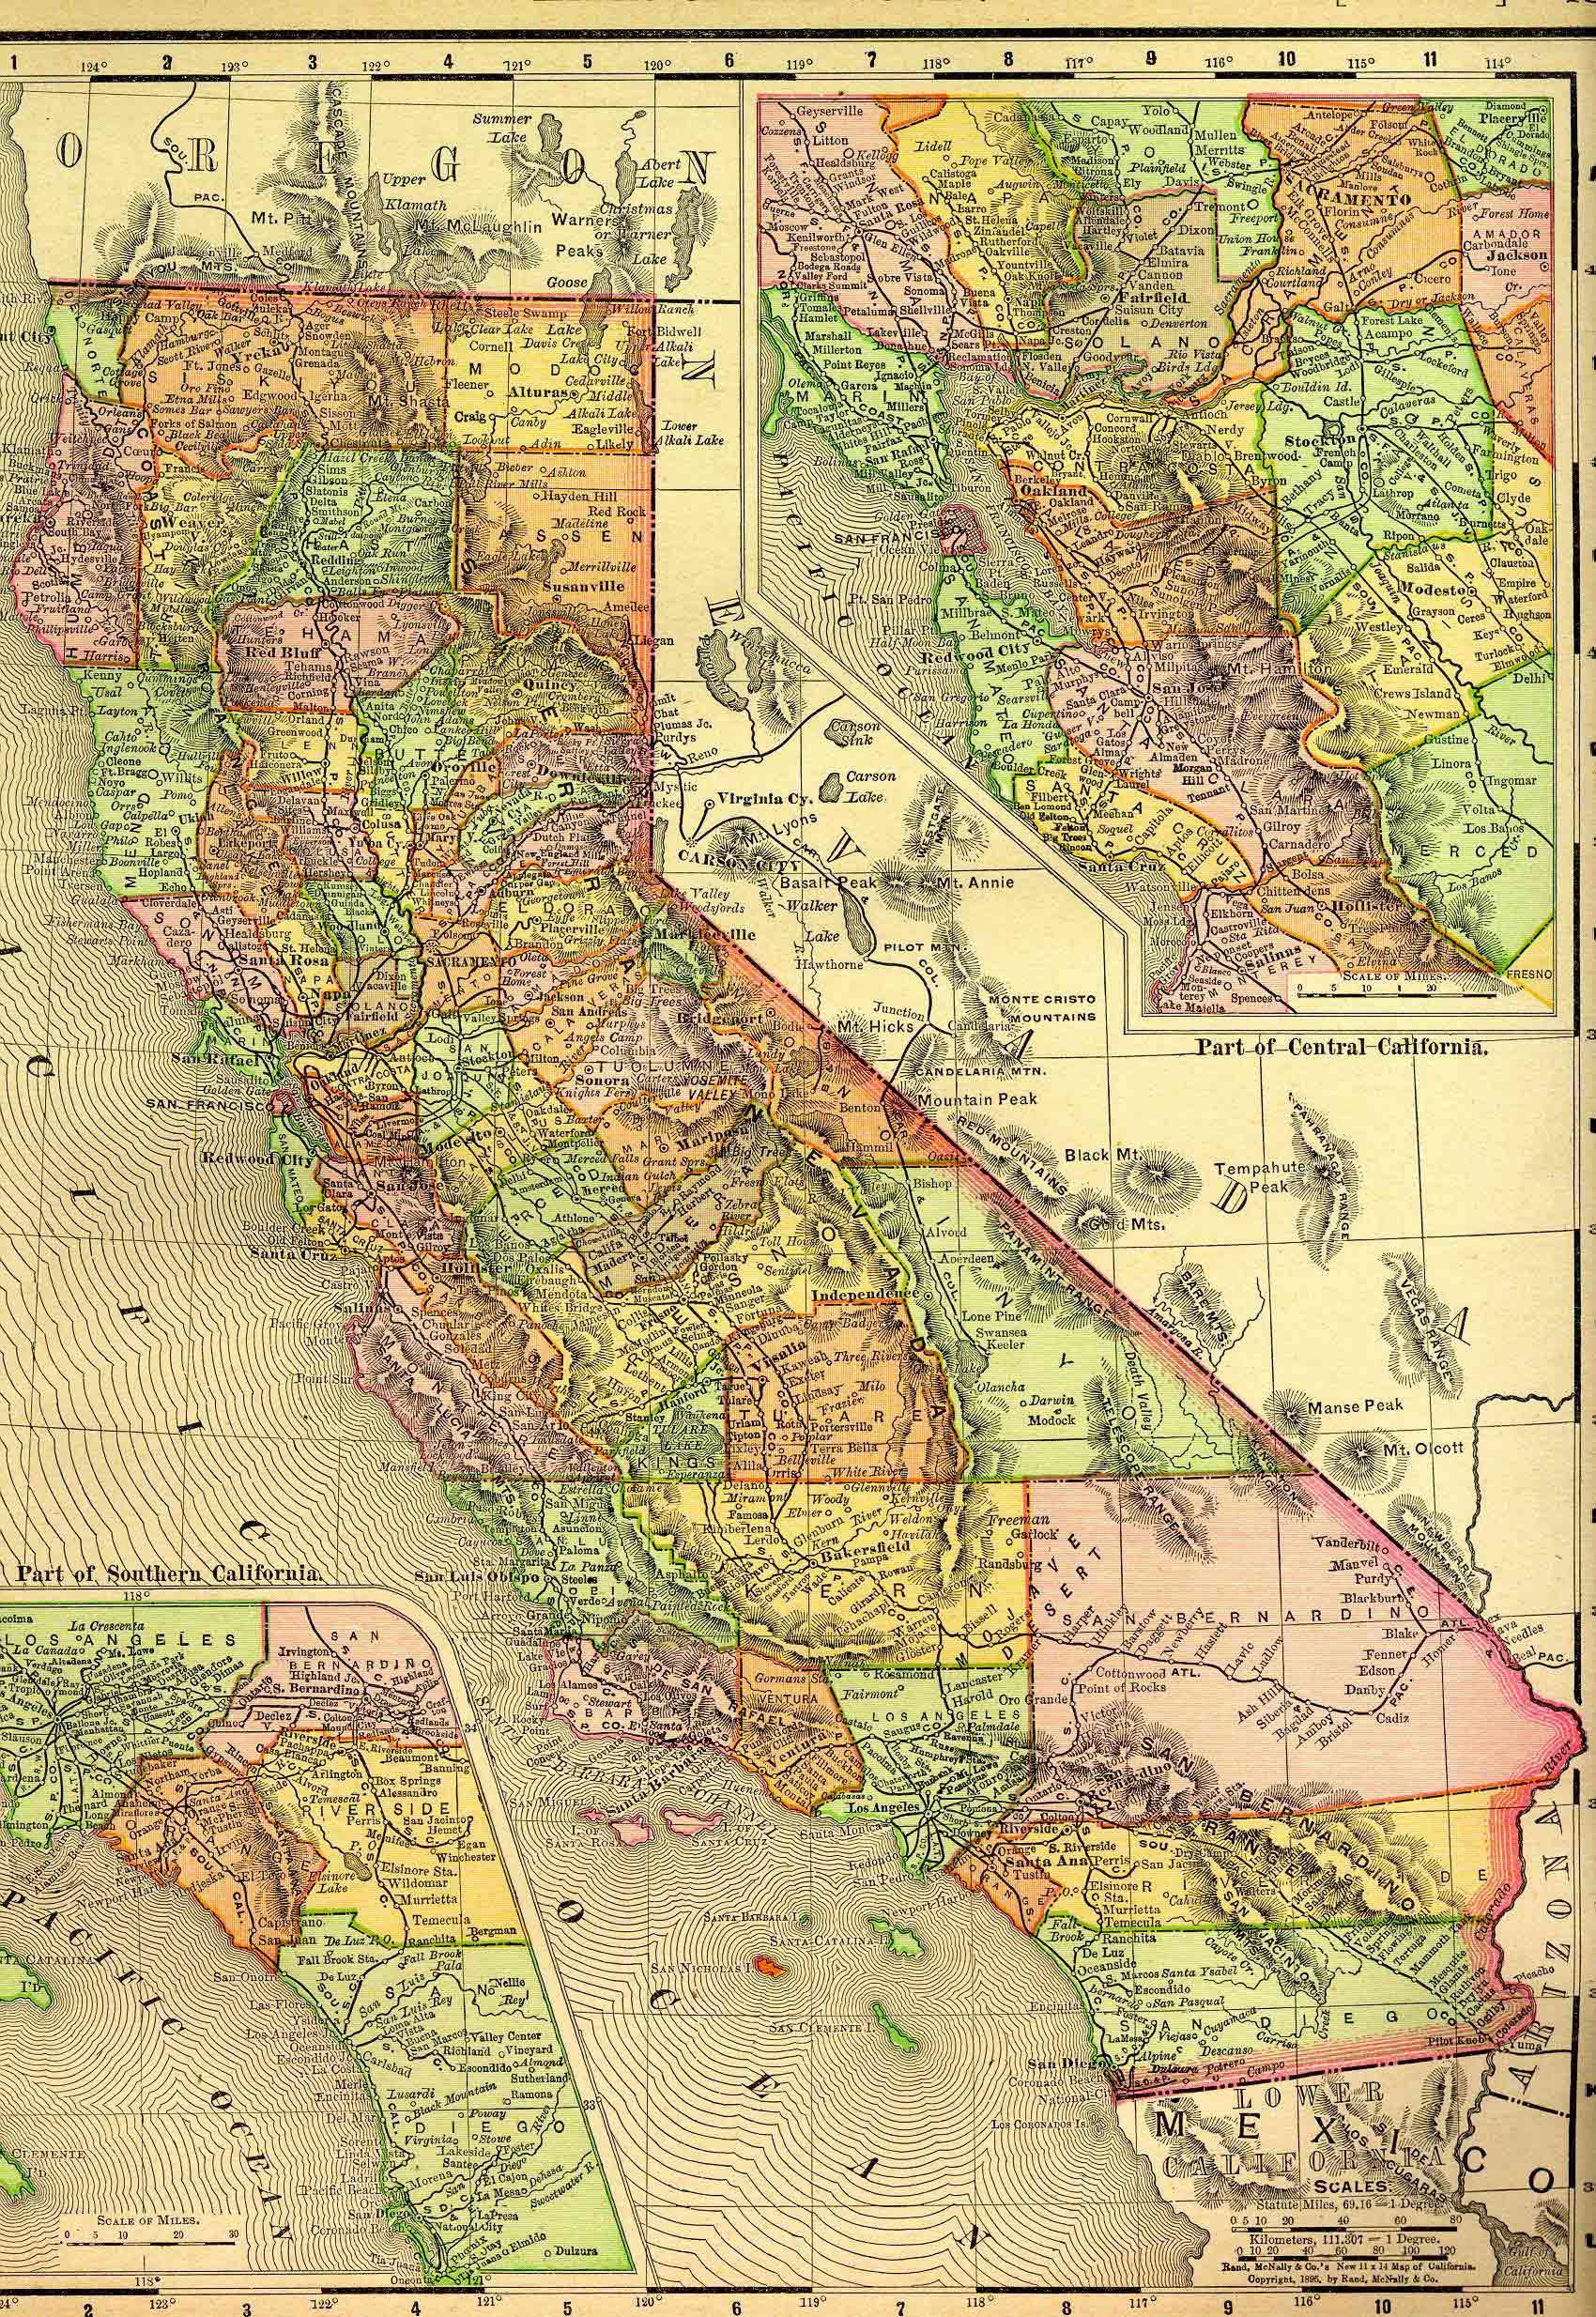 #5: Tinseltown, CA